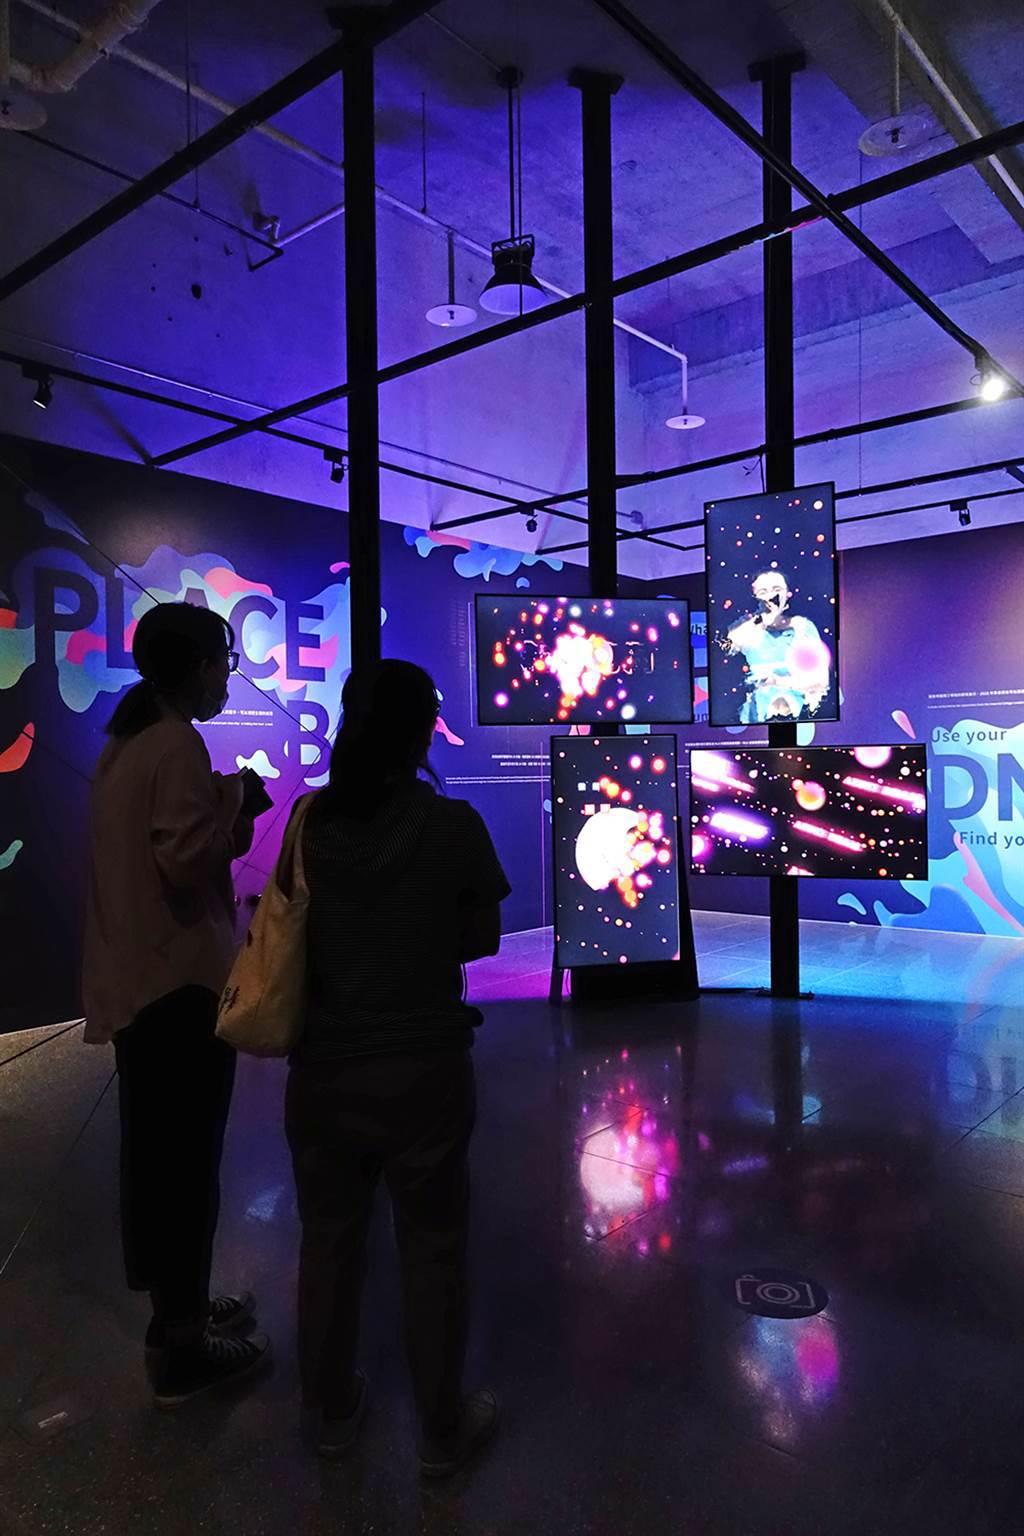 舊振南漢餅文化館常設展目前正推出130周年特展,《圓》餅與喜事的情感連結。(攝影/曾信耀)